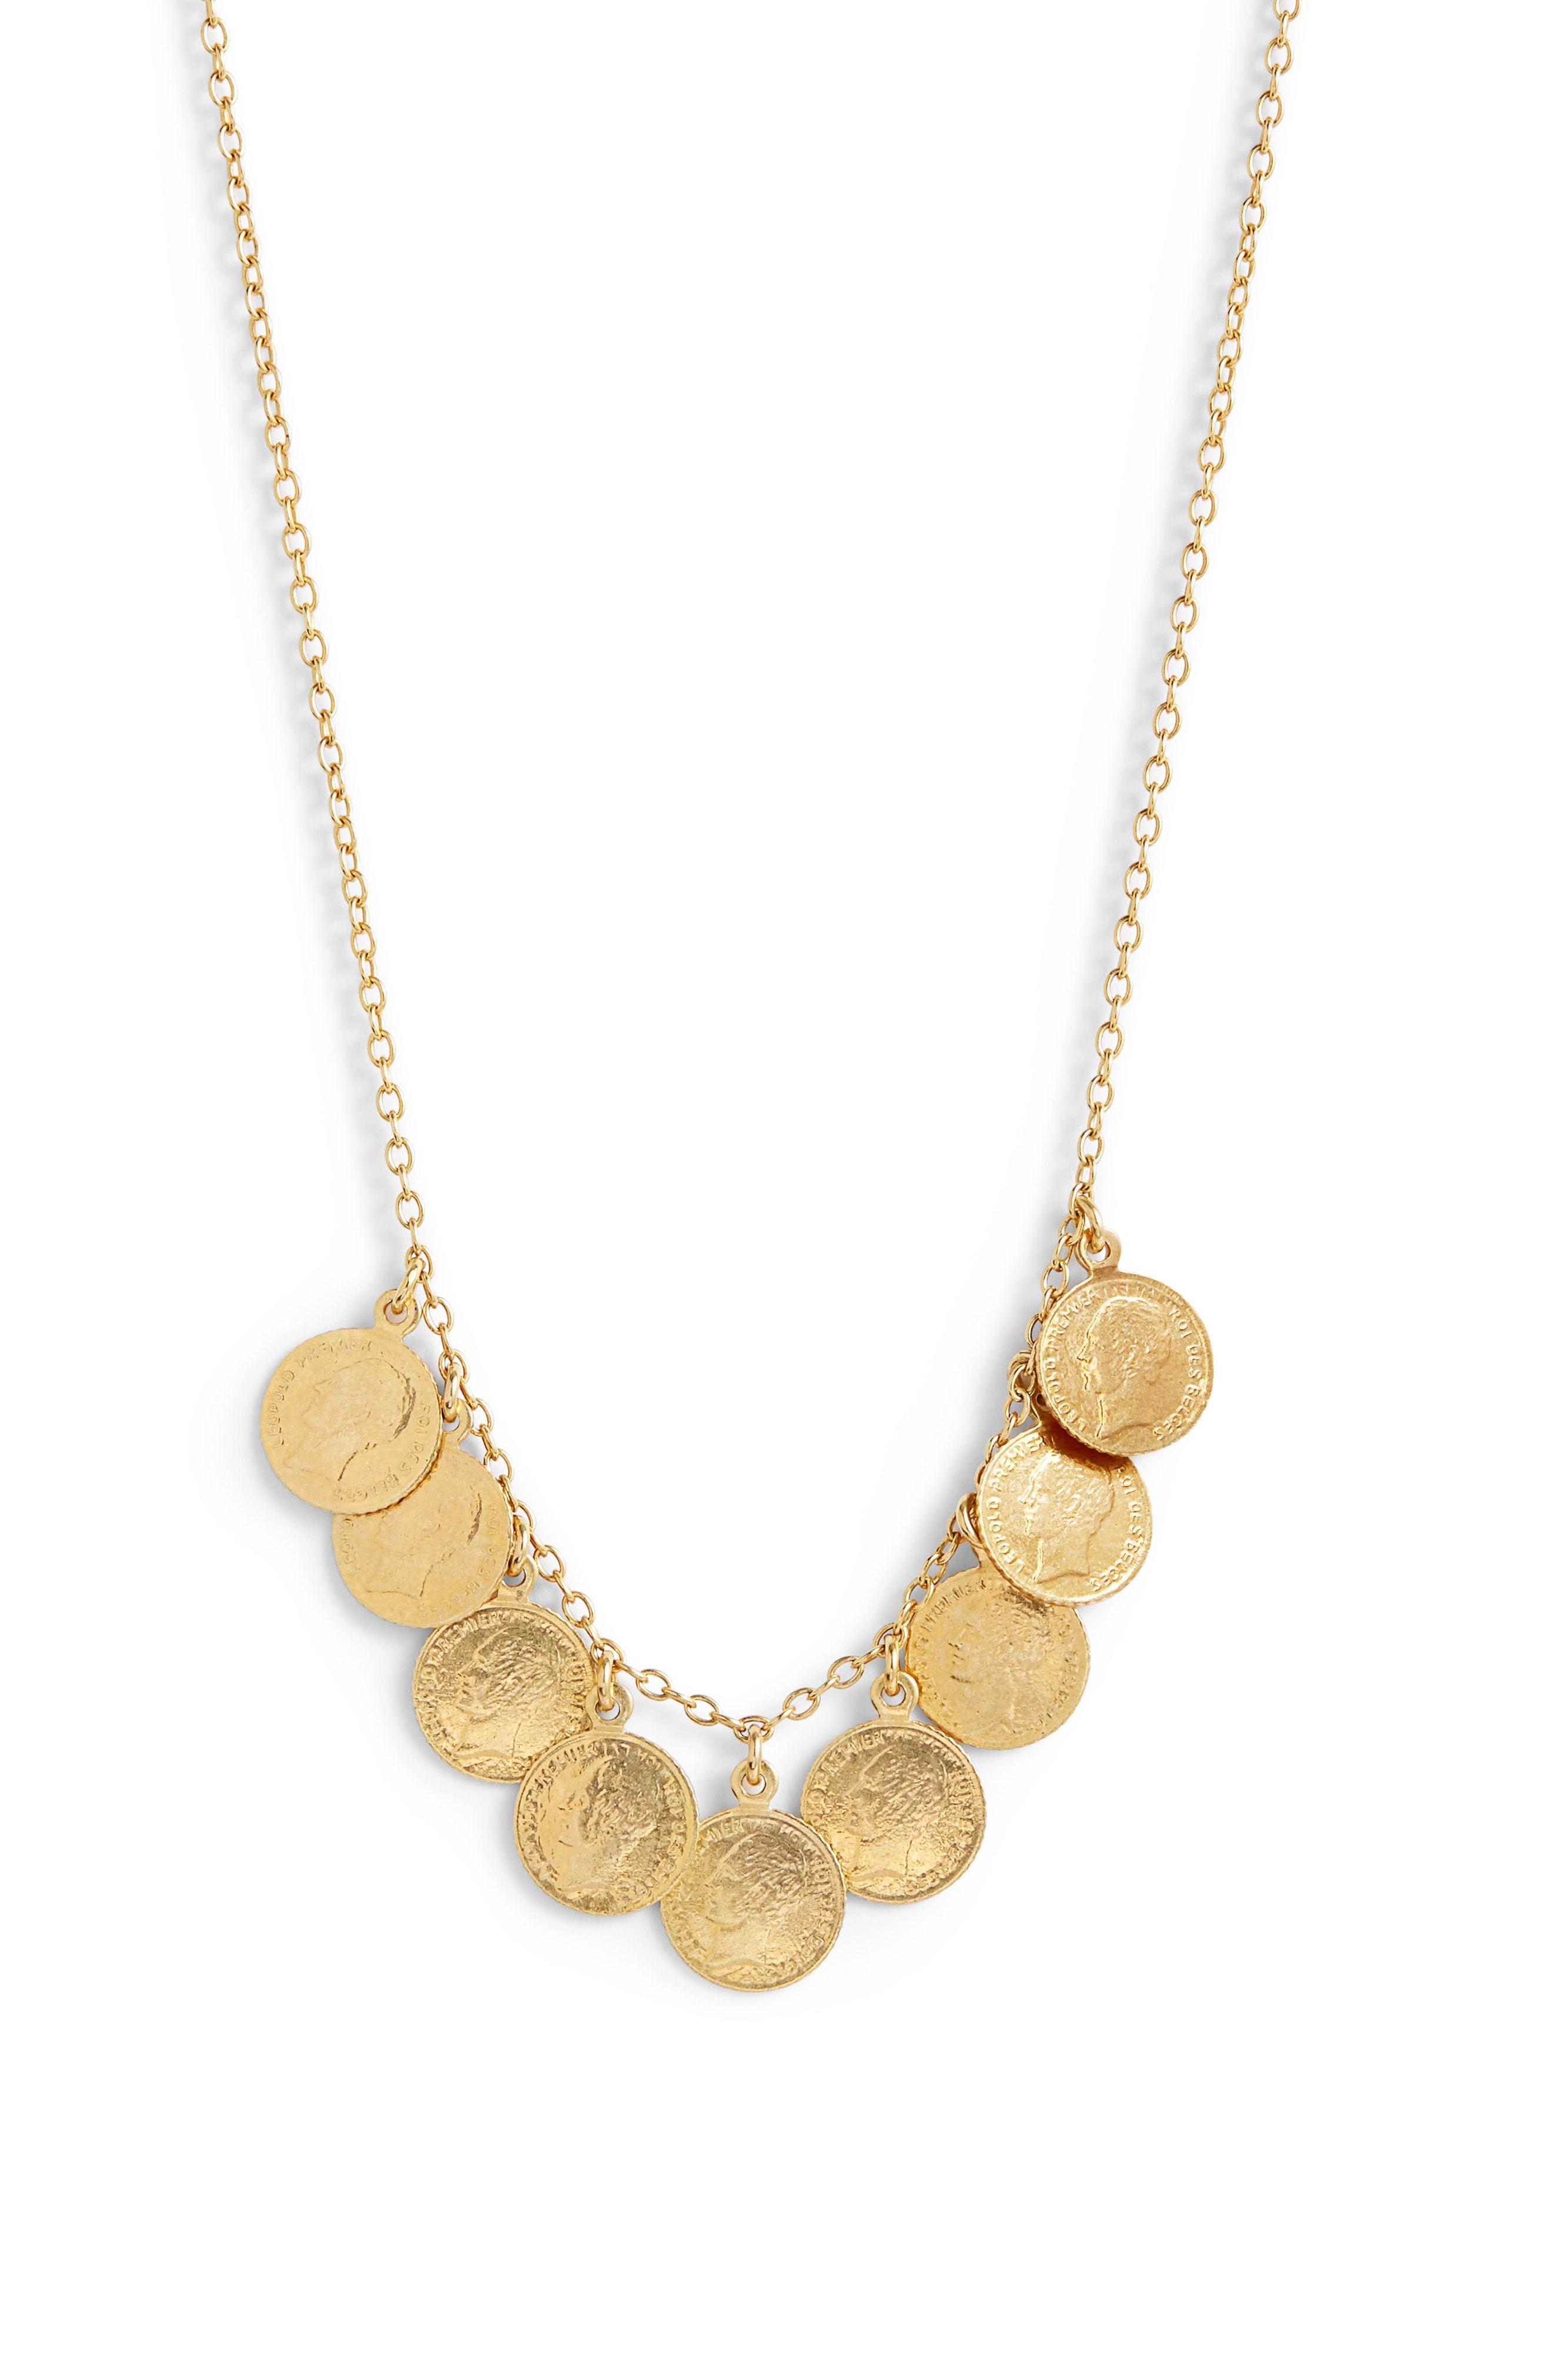 antique coin necklace